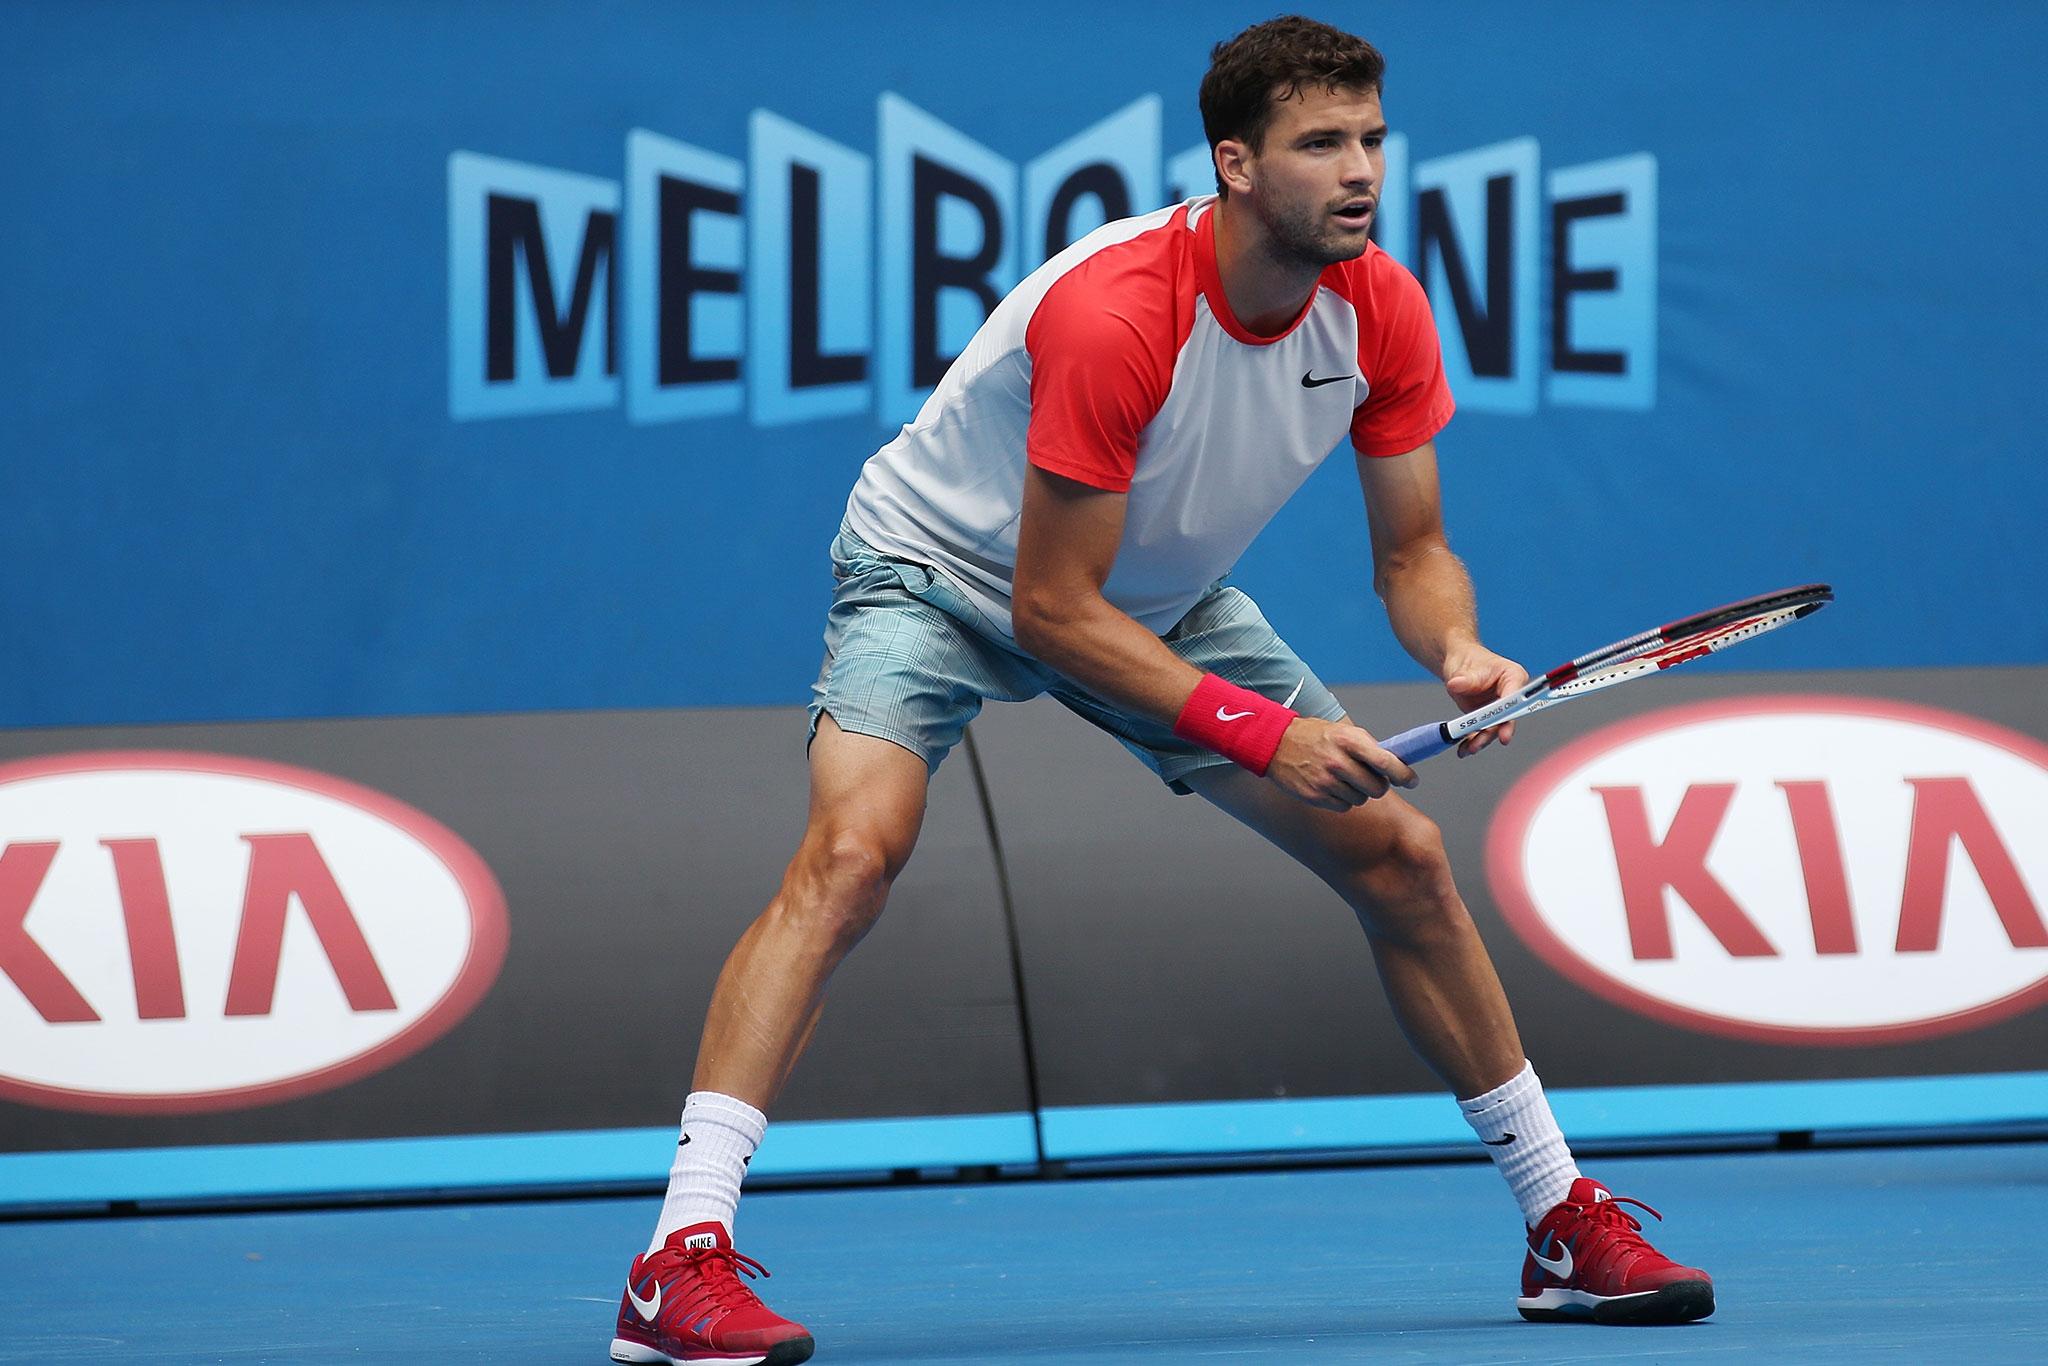 Български тенис триумф и адска жега в Австралия